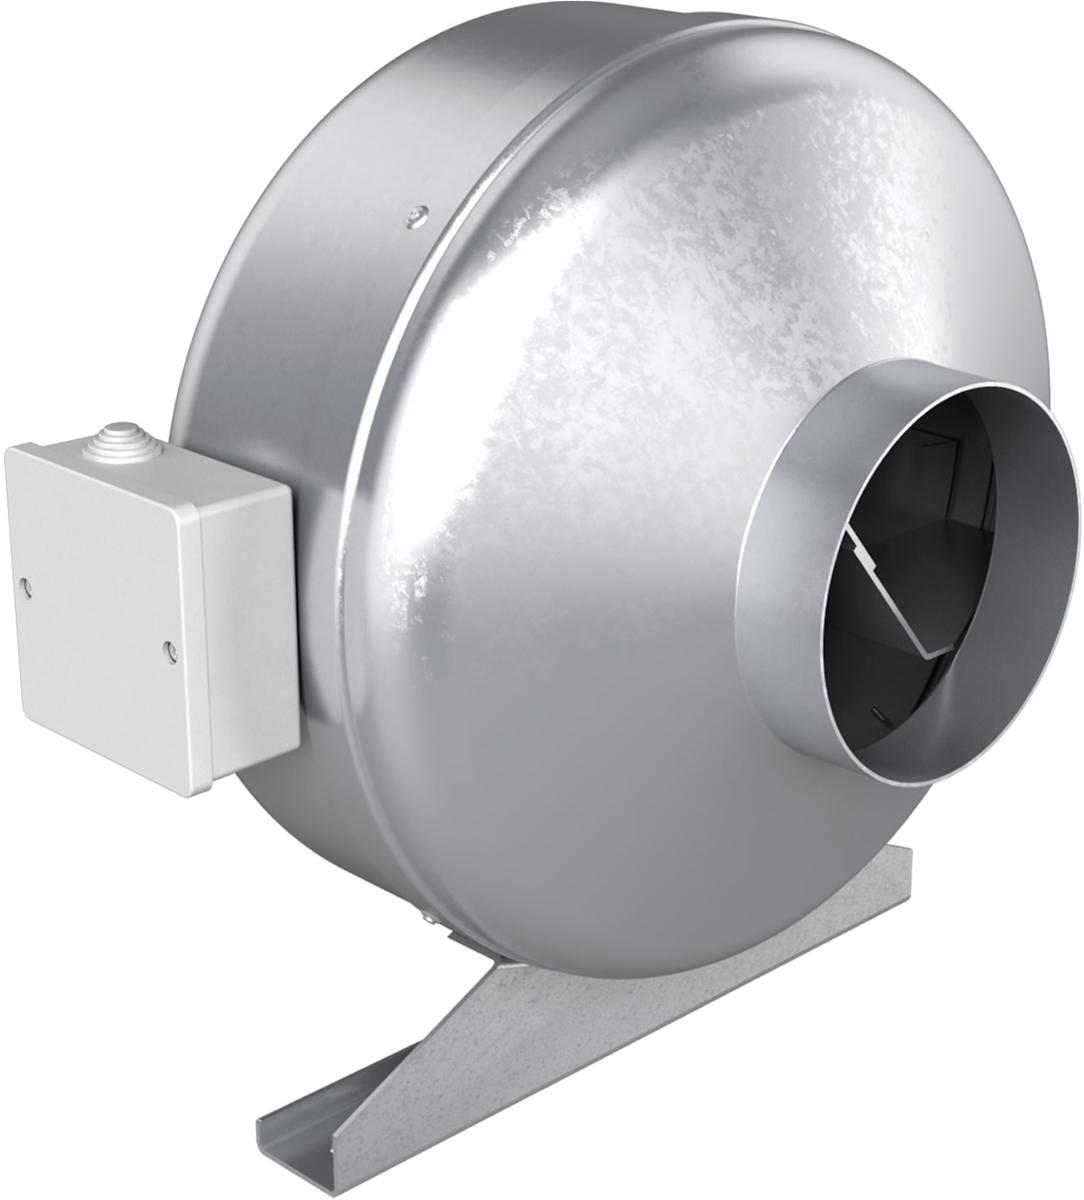 ERA Mars GDF 125 вентилятор центробежный канальныйMARS GDF 125Вентилятор серии MARS с диаметром фланца 125 мм. Канальныйцентробежный вентилятор MARS имеет ряд неоспоримых преимуществ:корпус вентилятора изготовлен из стали. Оснащен однофазным двигателем свнешним ротором и имеет встроенную тепловую защиту с автоматическимперезапуском. Рабочее колесо имеет загнутые назад лопатки и изготовлено изметалла. Подача электропитания на вентилятор осуществляется черезнаружную клеммную коробку. Монтаж к стене осуществляется с помощьюкрепежа, который входит в комплект вентилятора. Защита двигателя IP44.